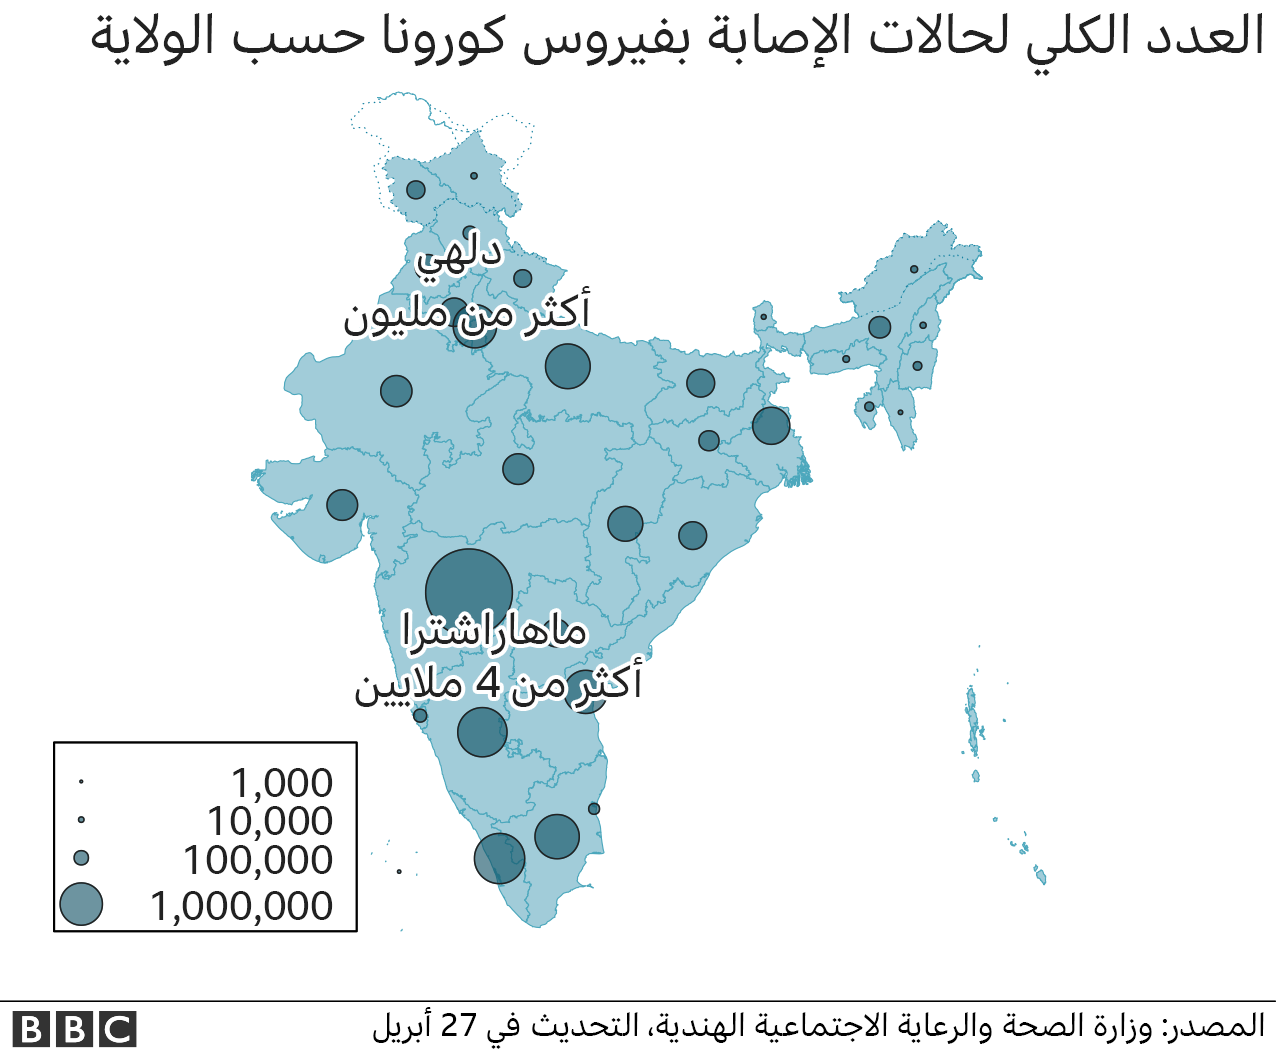 خريطة لأرقام الحالات في الهند تظهر الولايات الانتخابية